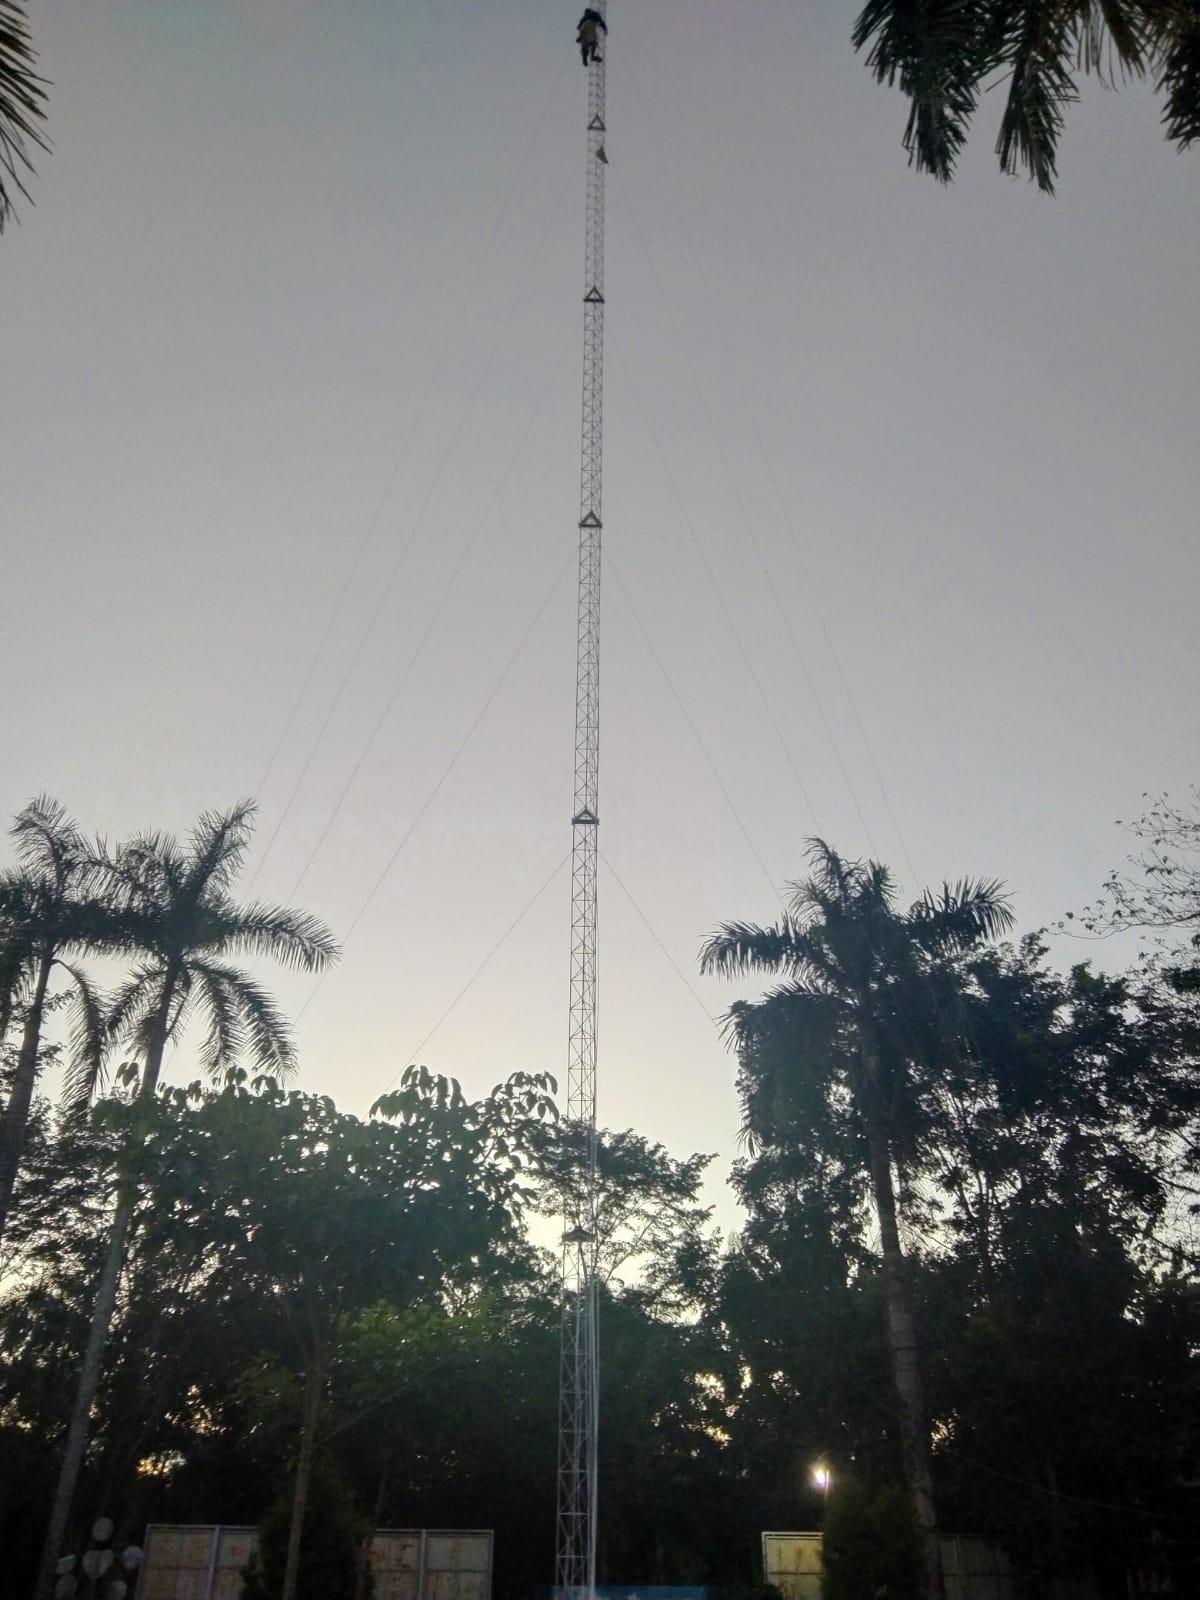 PEMASANGAN TOWER DI KECAMATAN KISARAN BARAT